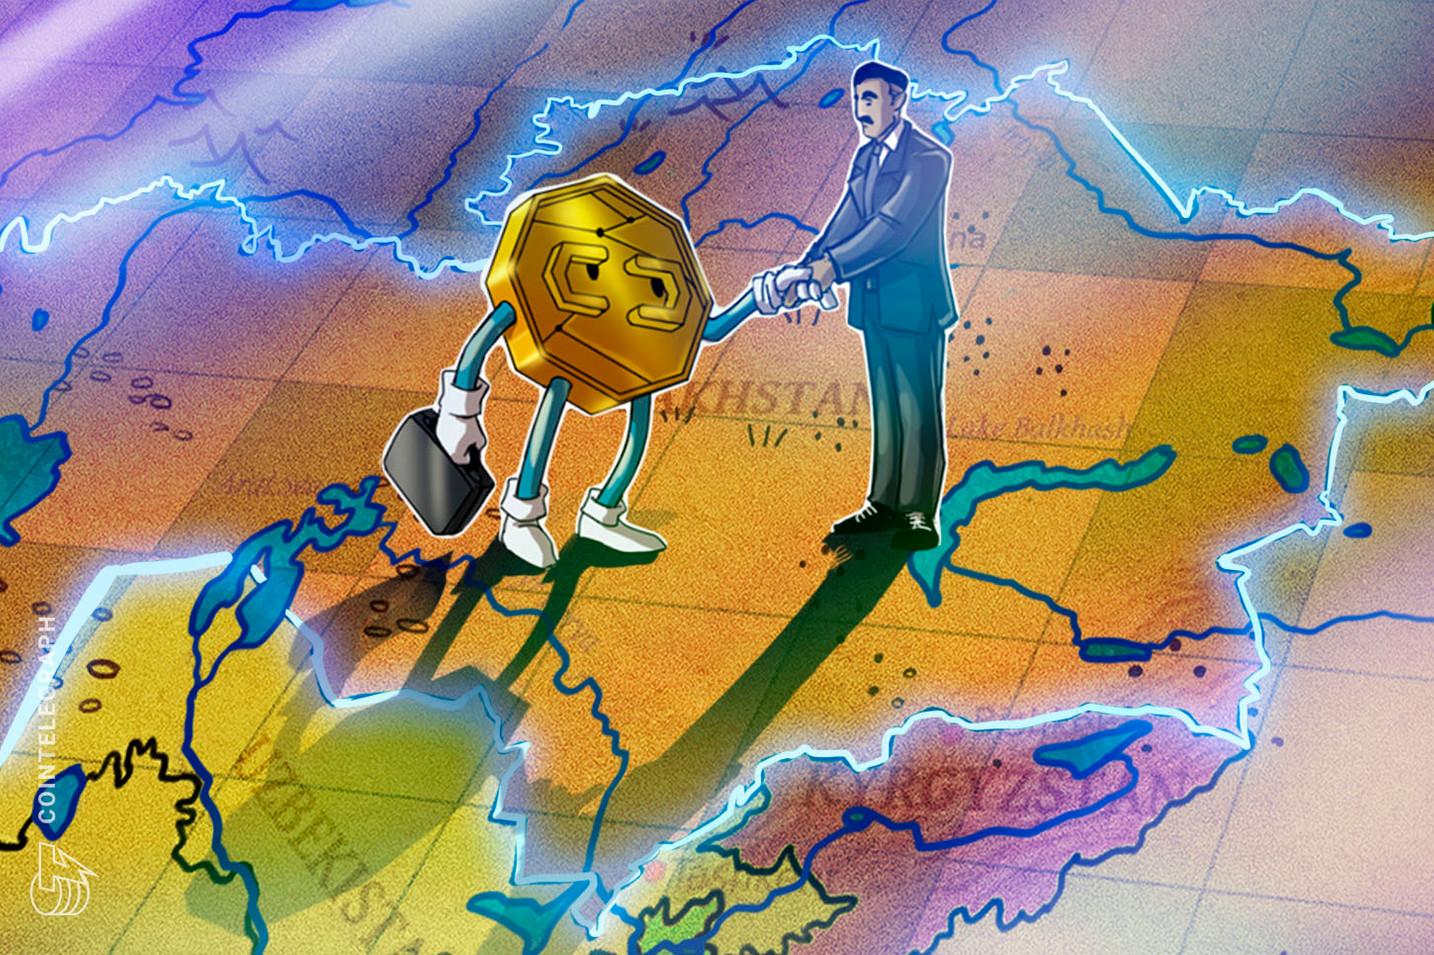 Bitfinex launches security token platform regulated in Kazakhstan